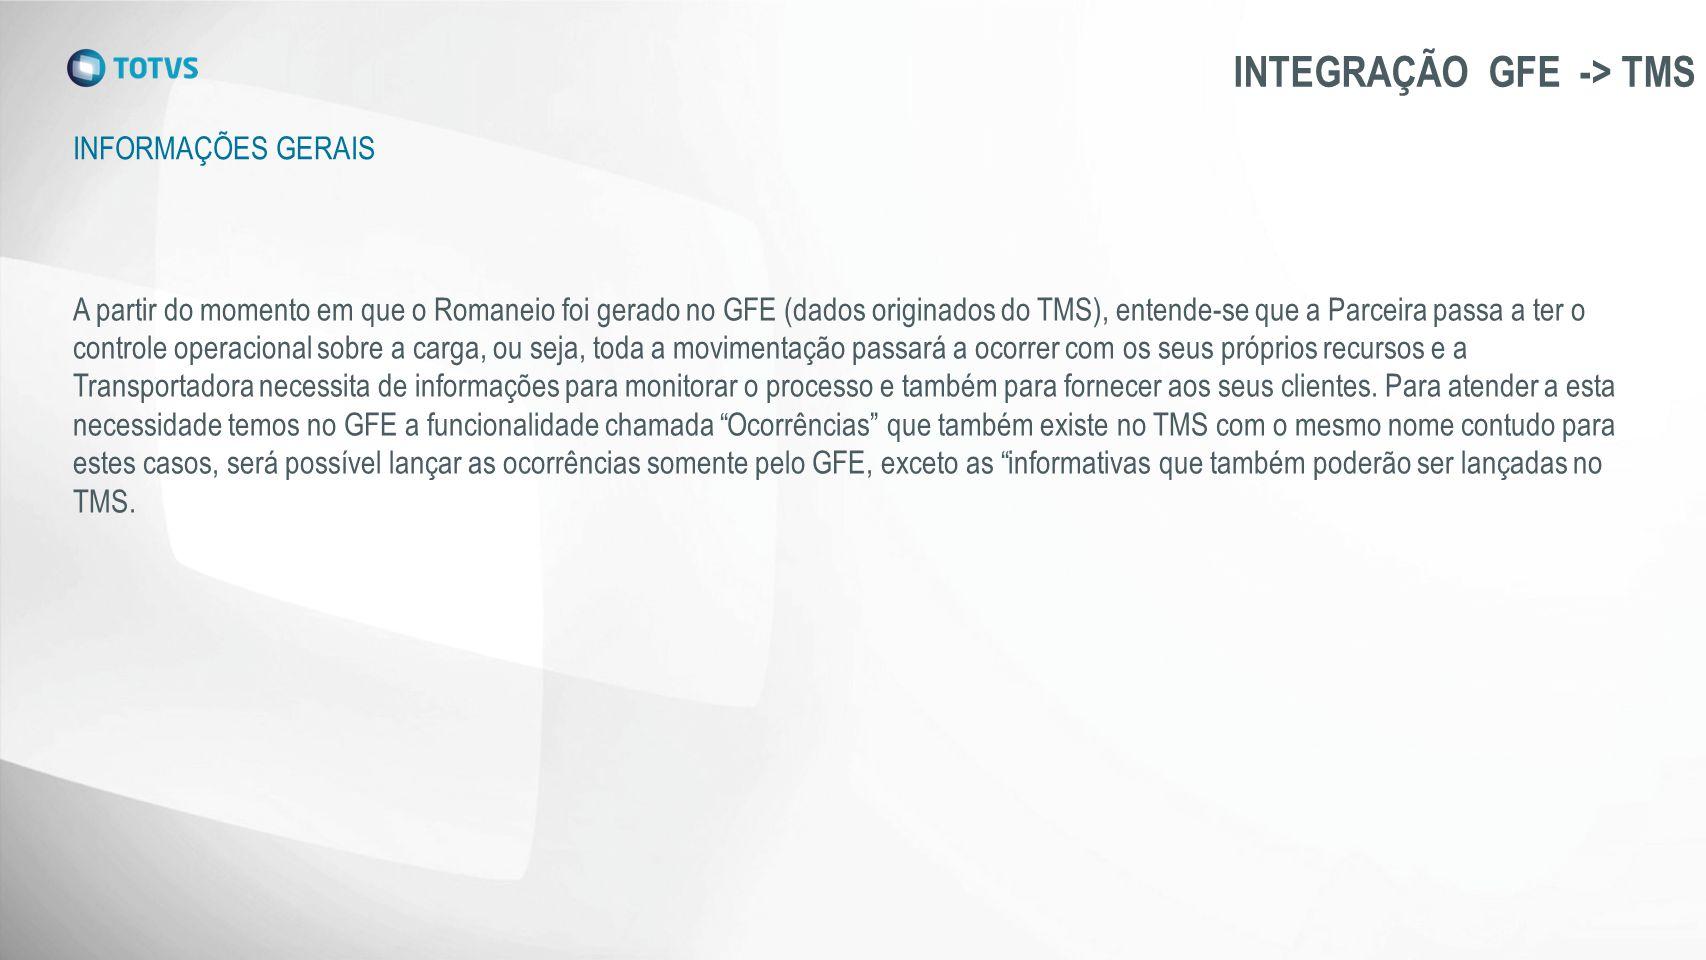 INTEGRAÇÃO GFE -> TMS